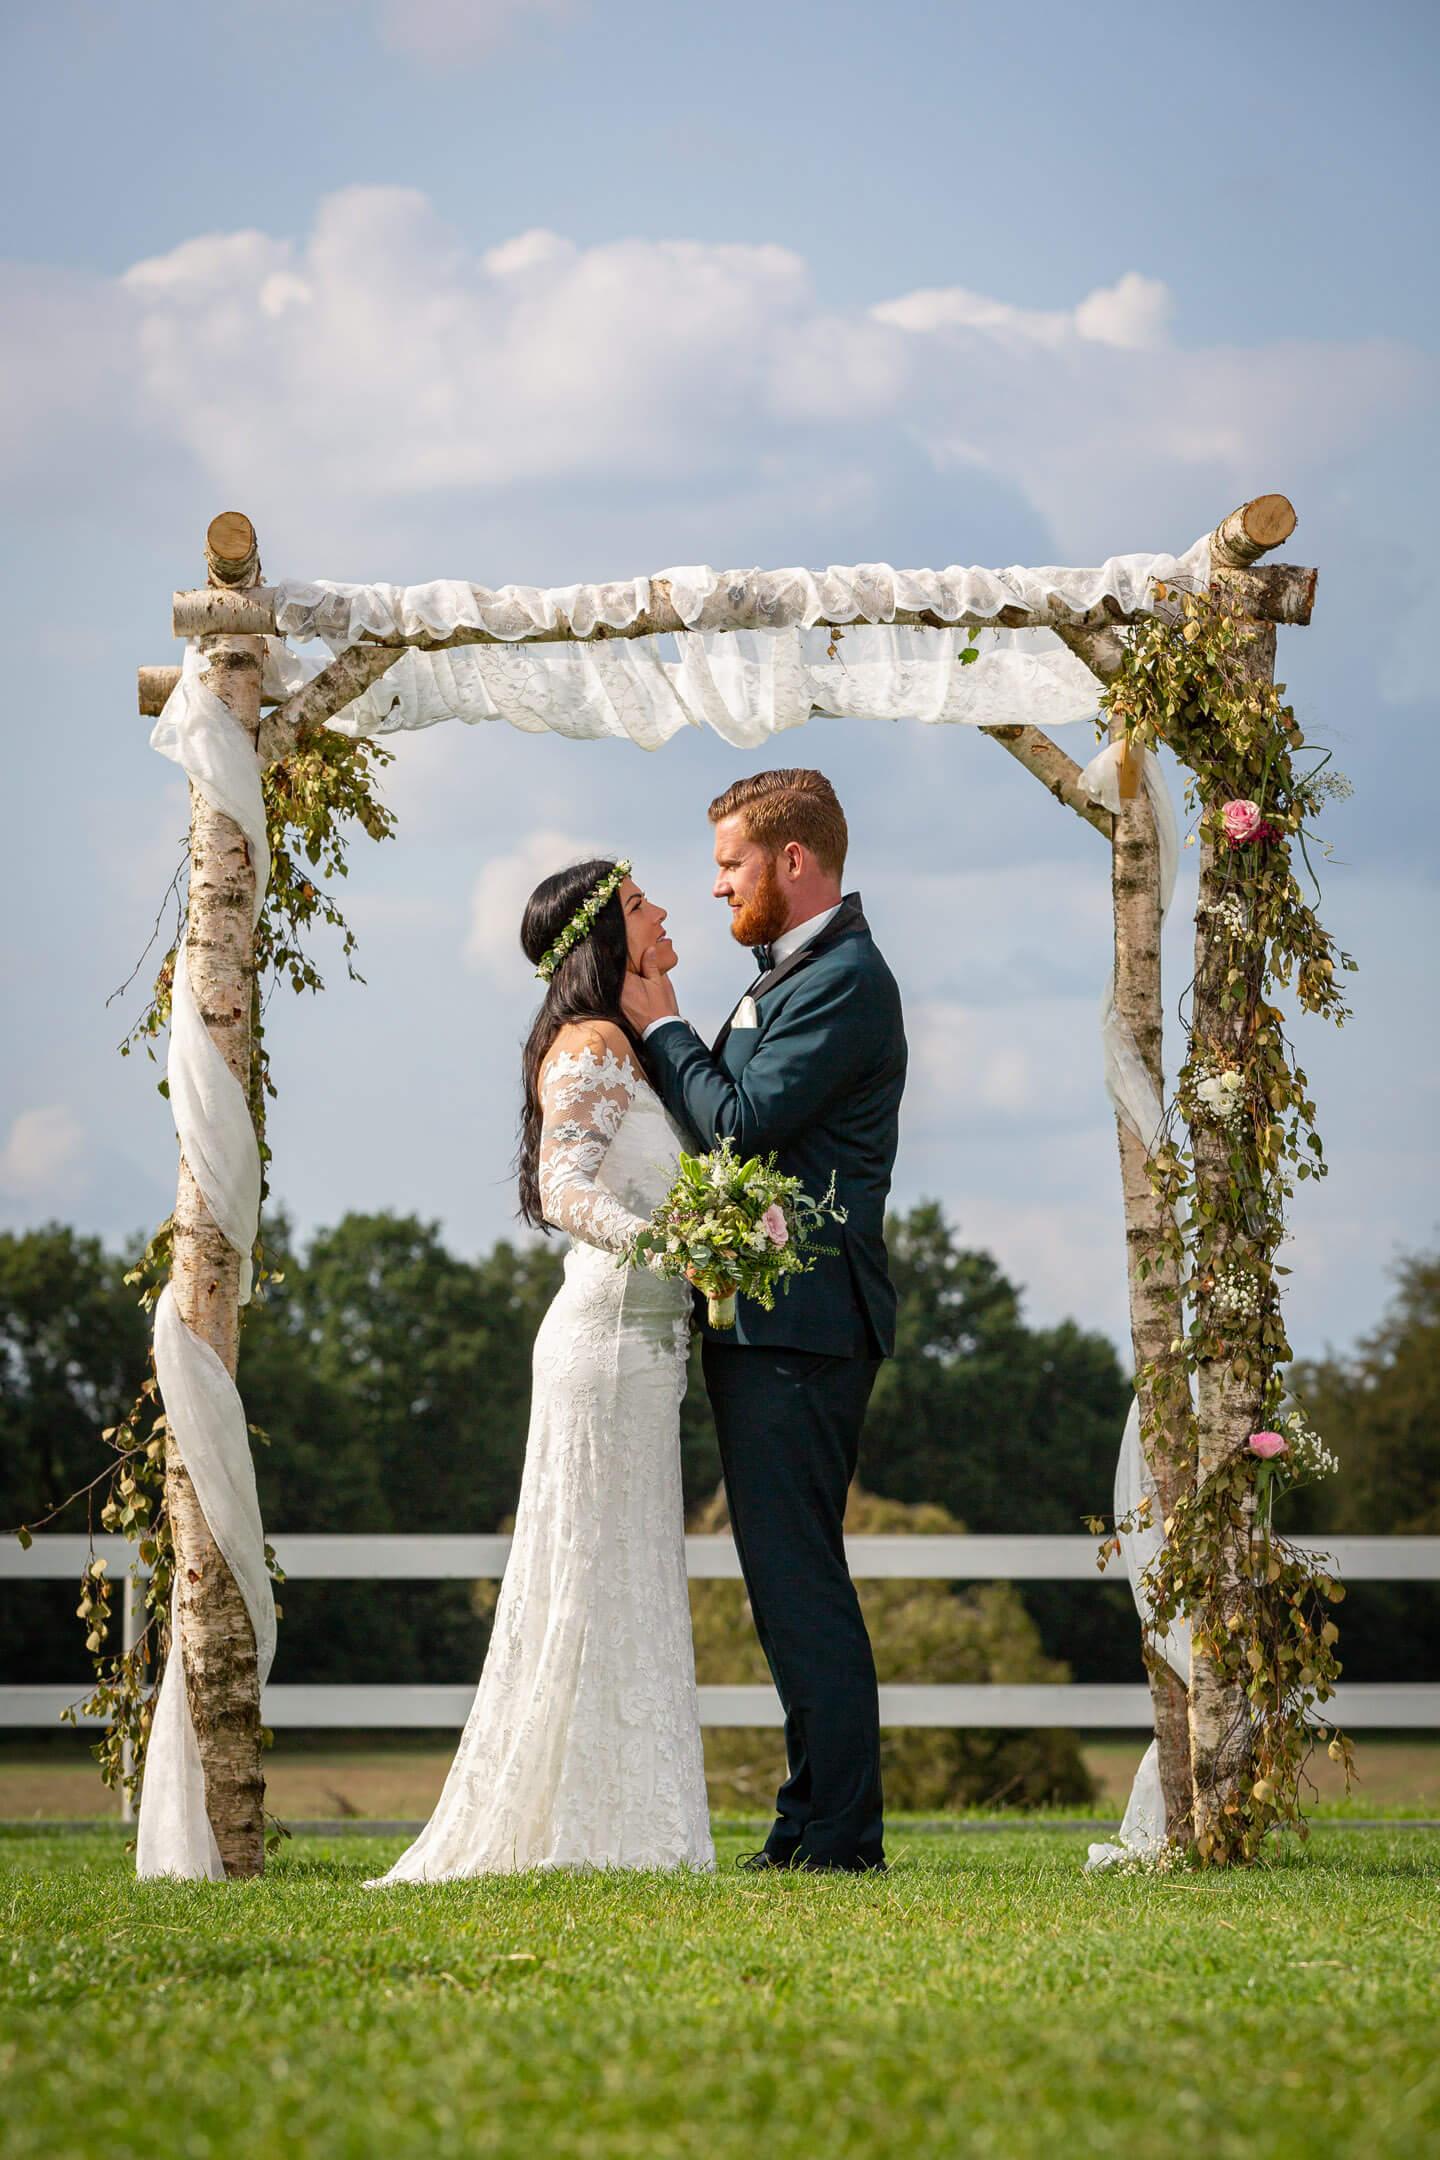 Hochzeitsfotos mit wenig Bildbearbeitung vom Hochzeitsfotograf Florian Läufer